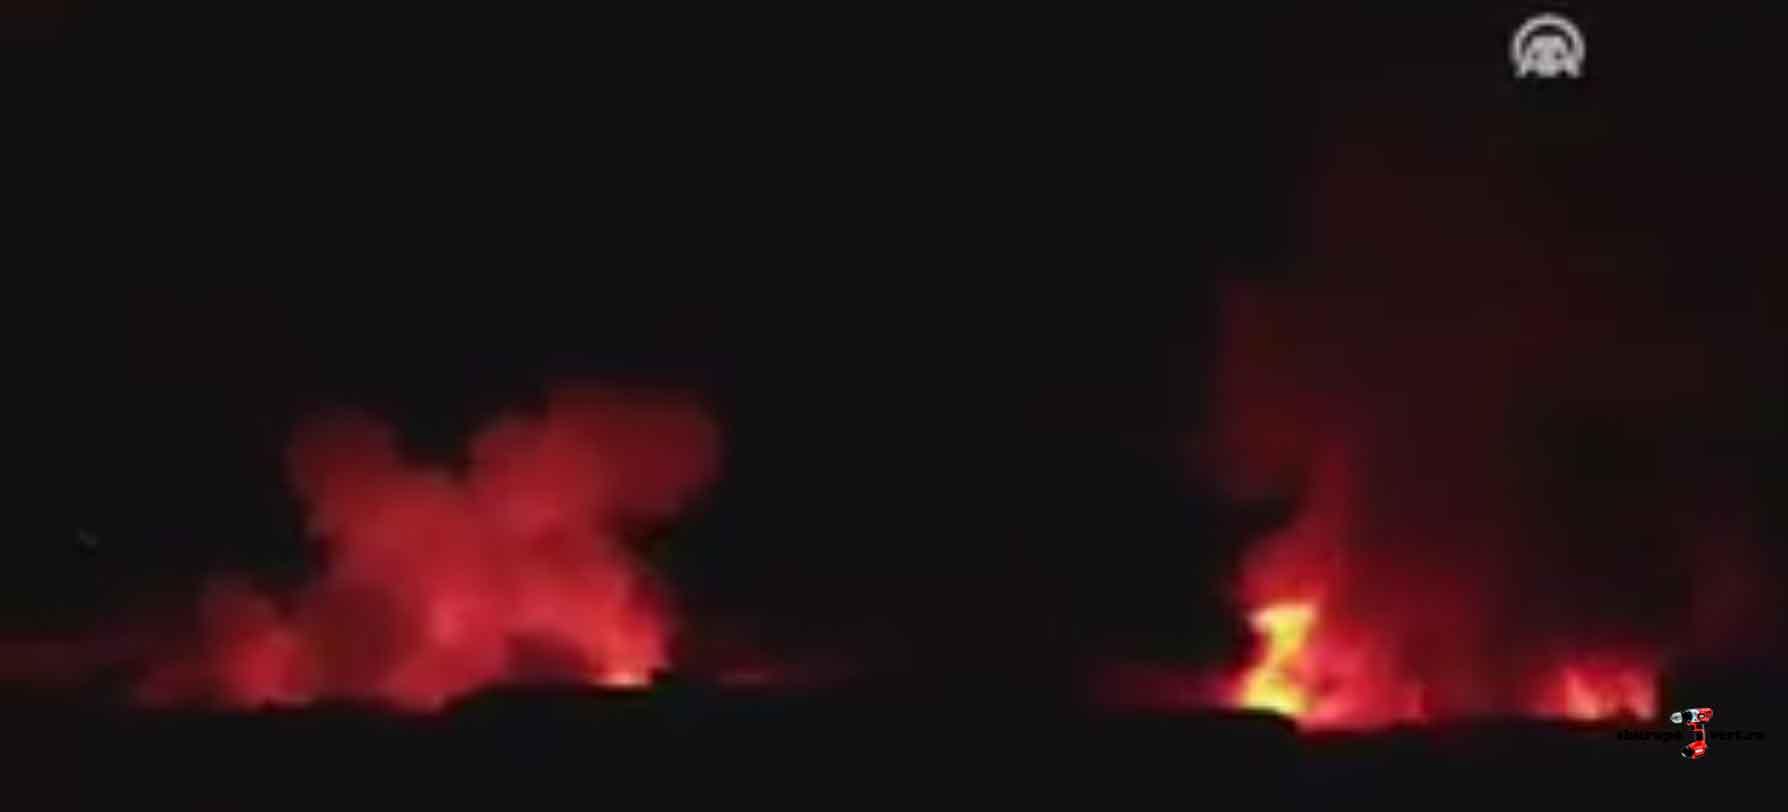 Новеллы Сирии: зажигательные бомбы